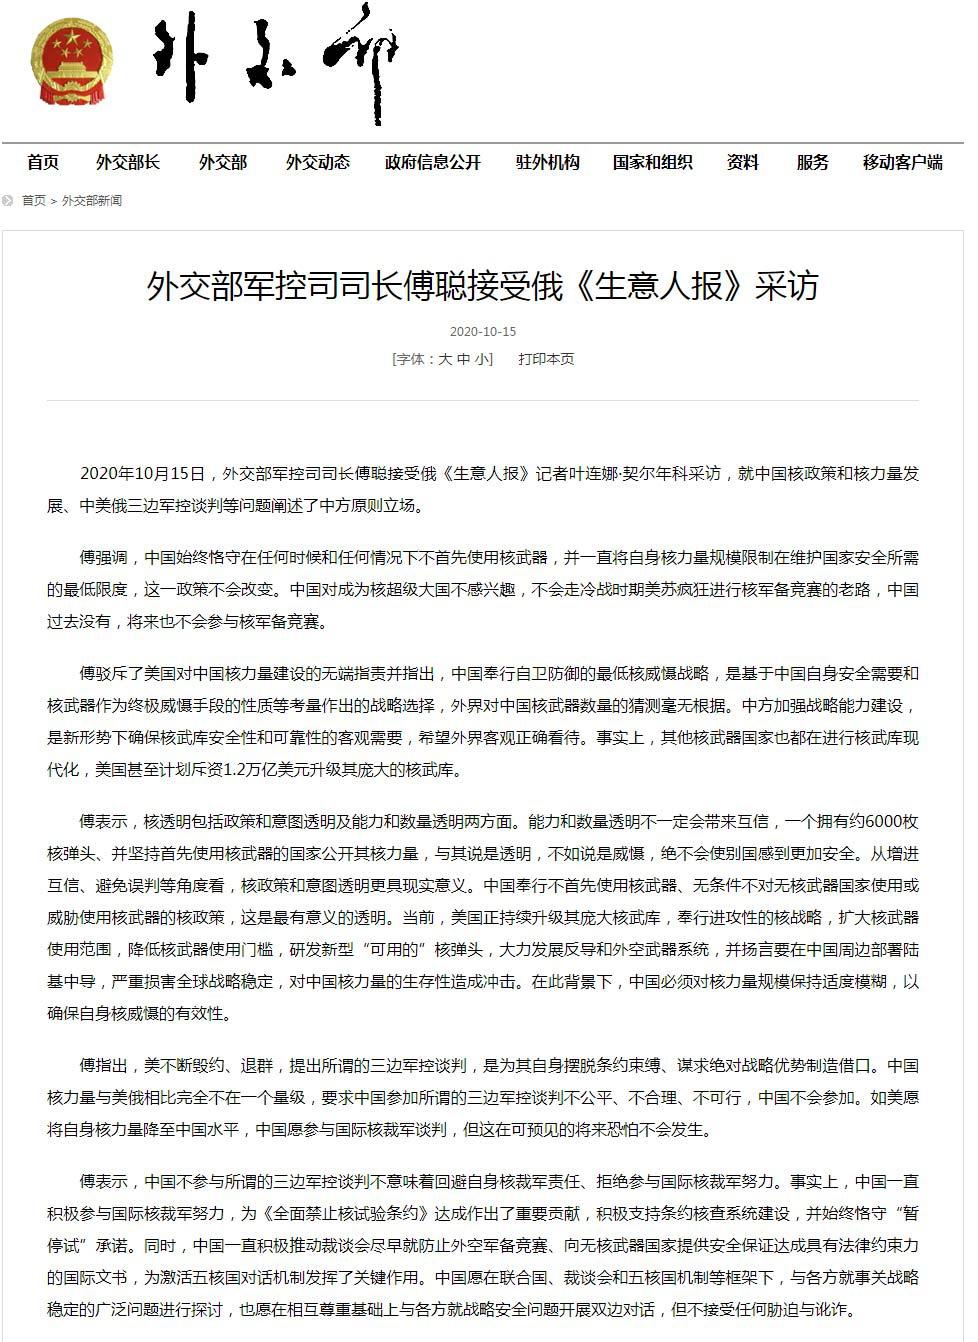 美对中国核力量建设无端指责 外交部军控司司长驳斥图片